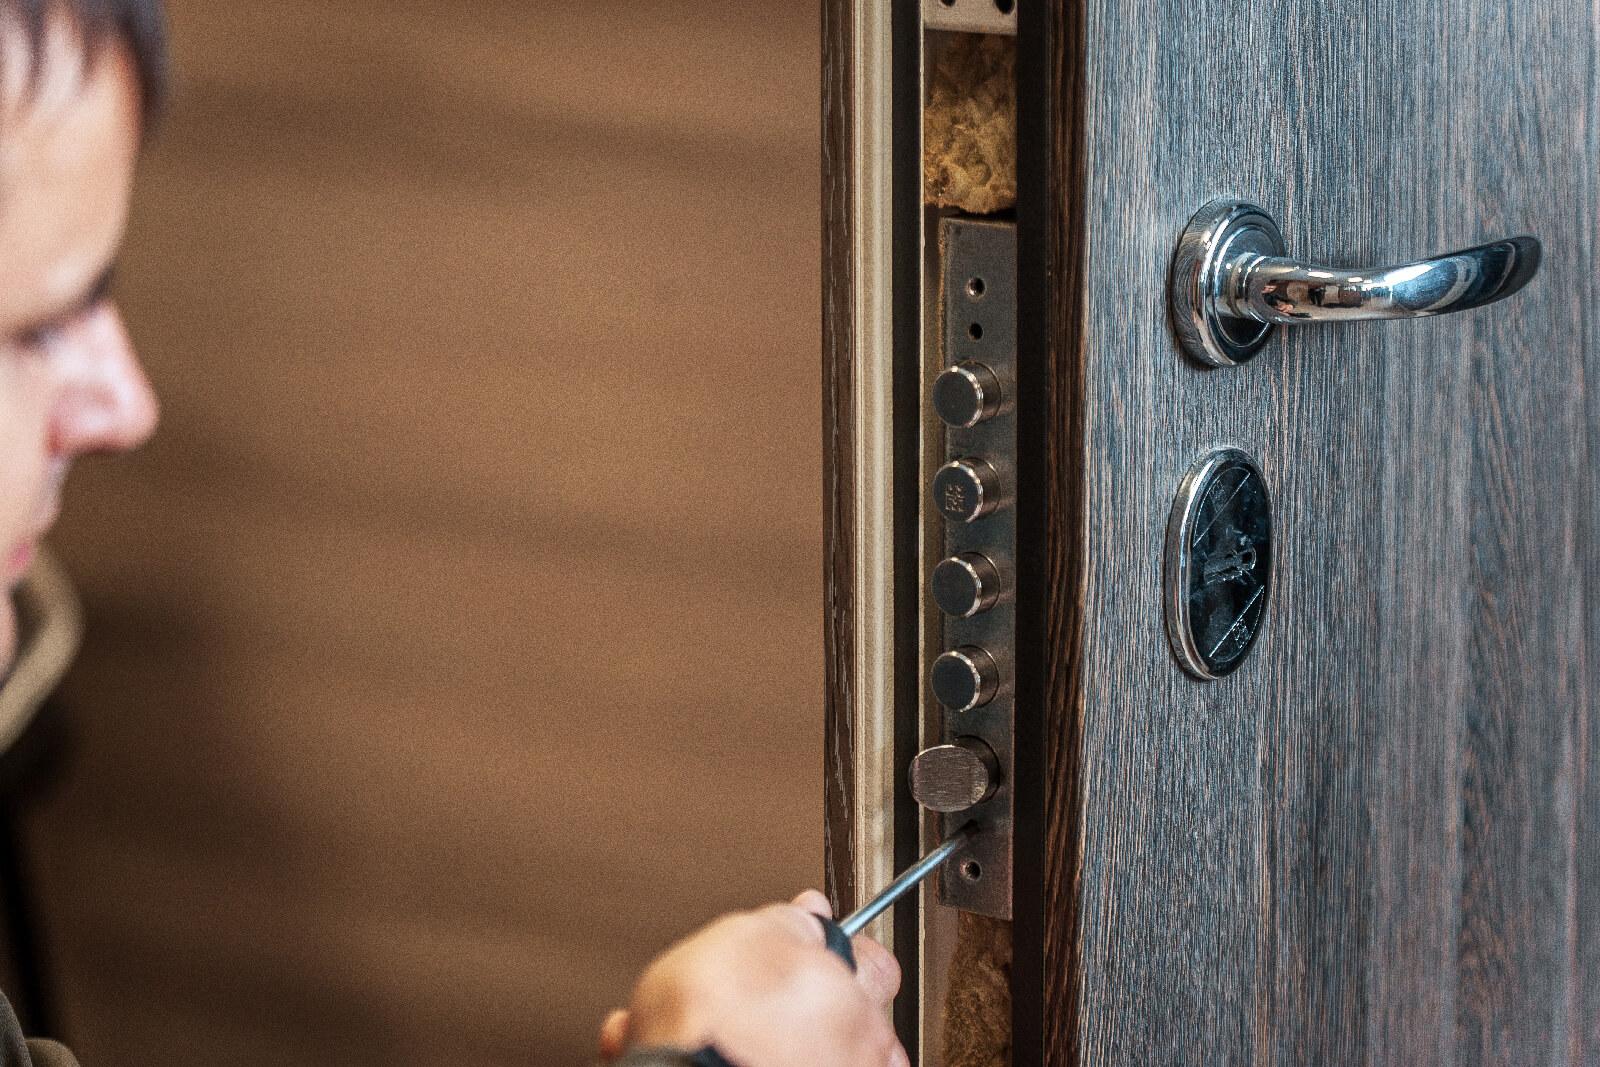 Spynų Meistras - patikimos ir saugios namų durų spynos remontas ir montavimas